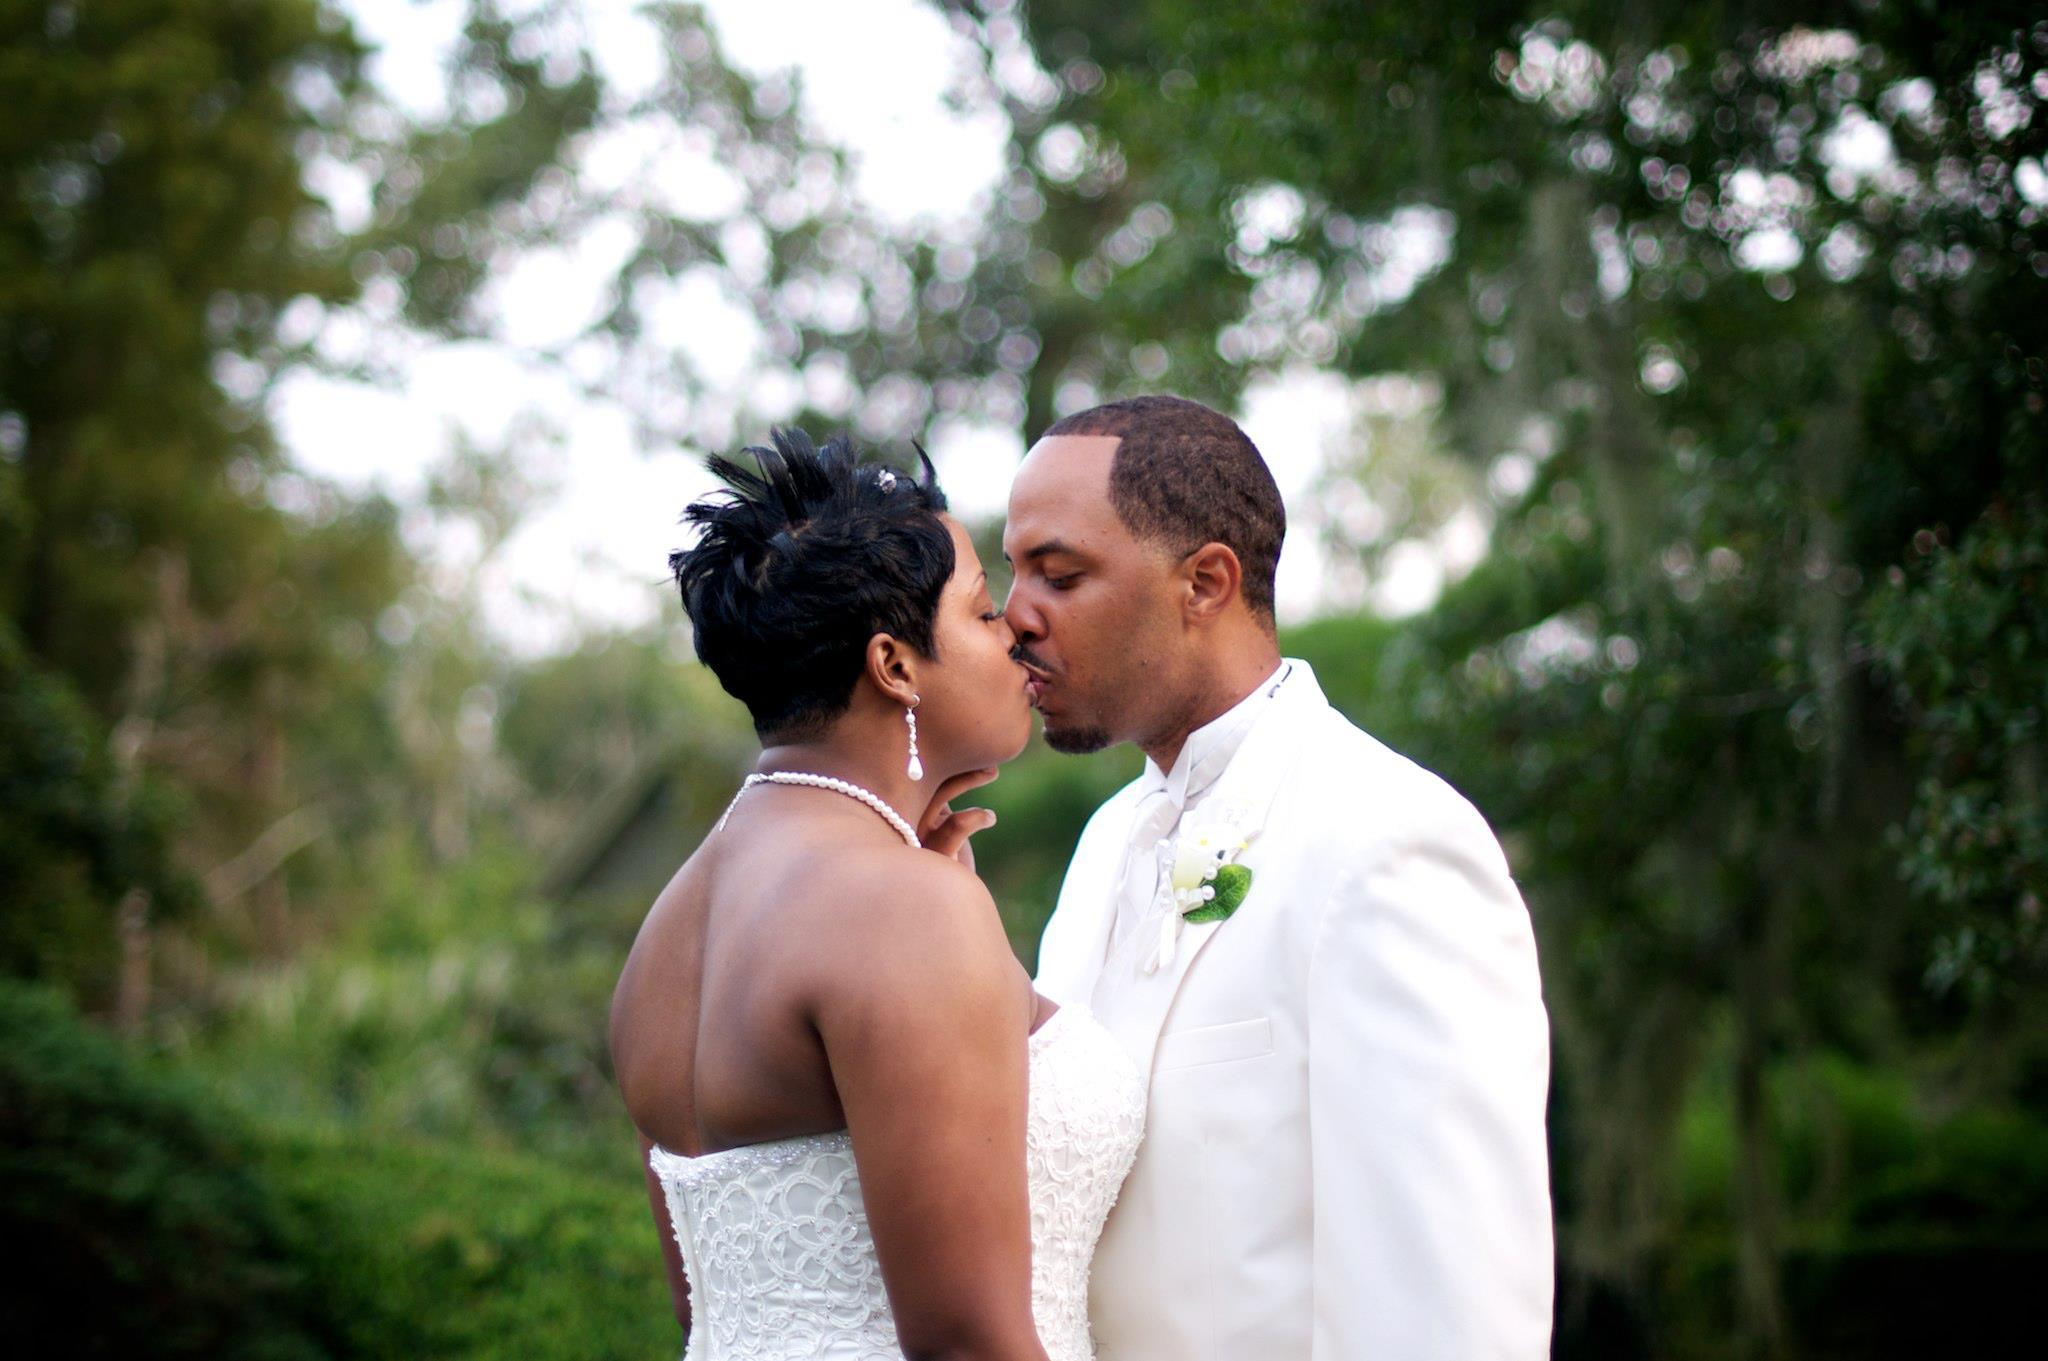 guathier wedding 2.jpg